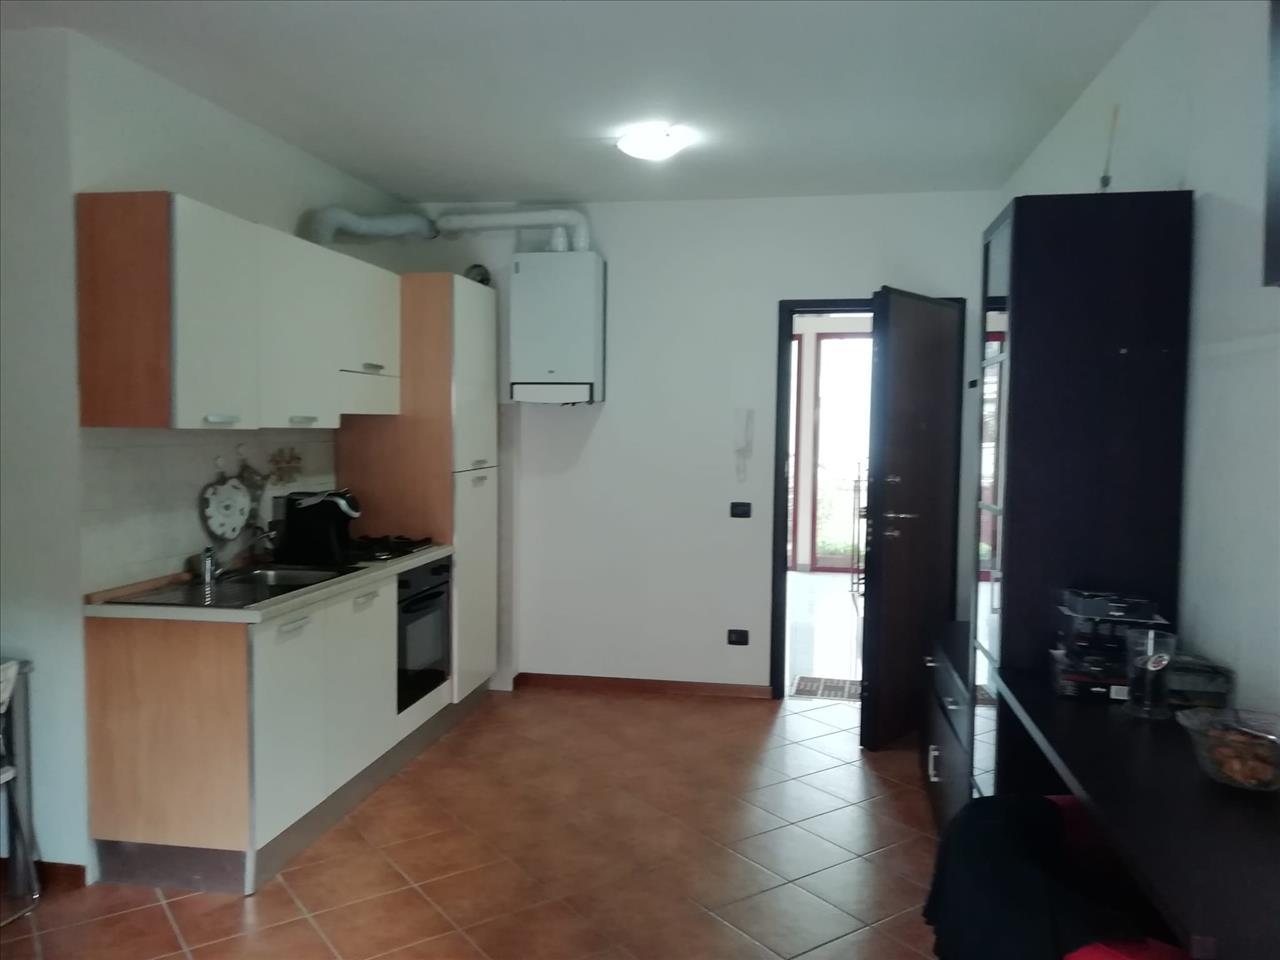 Appartamento in vendita a Rivergaro, 1 locali, prezzo € 98.000 | PortaleAgenzieImmobiliari.it